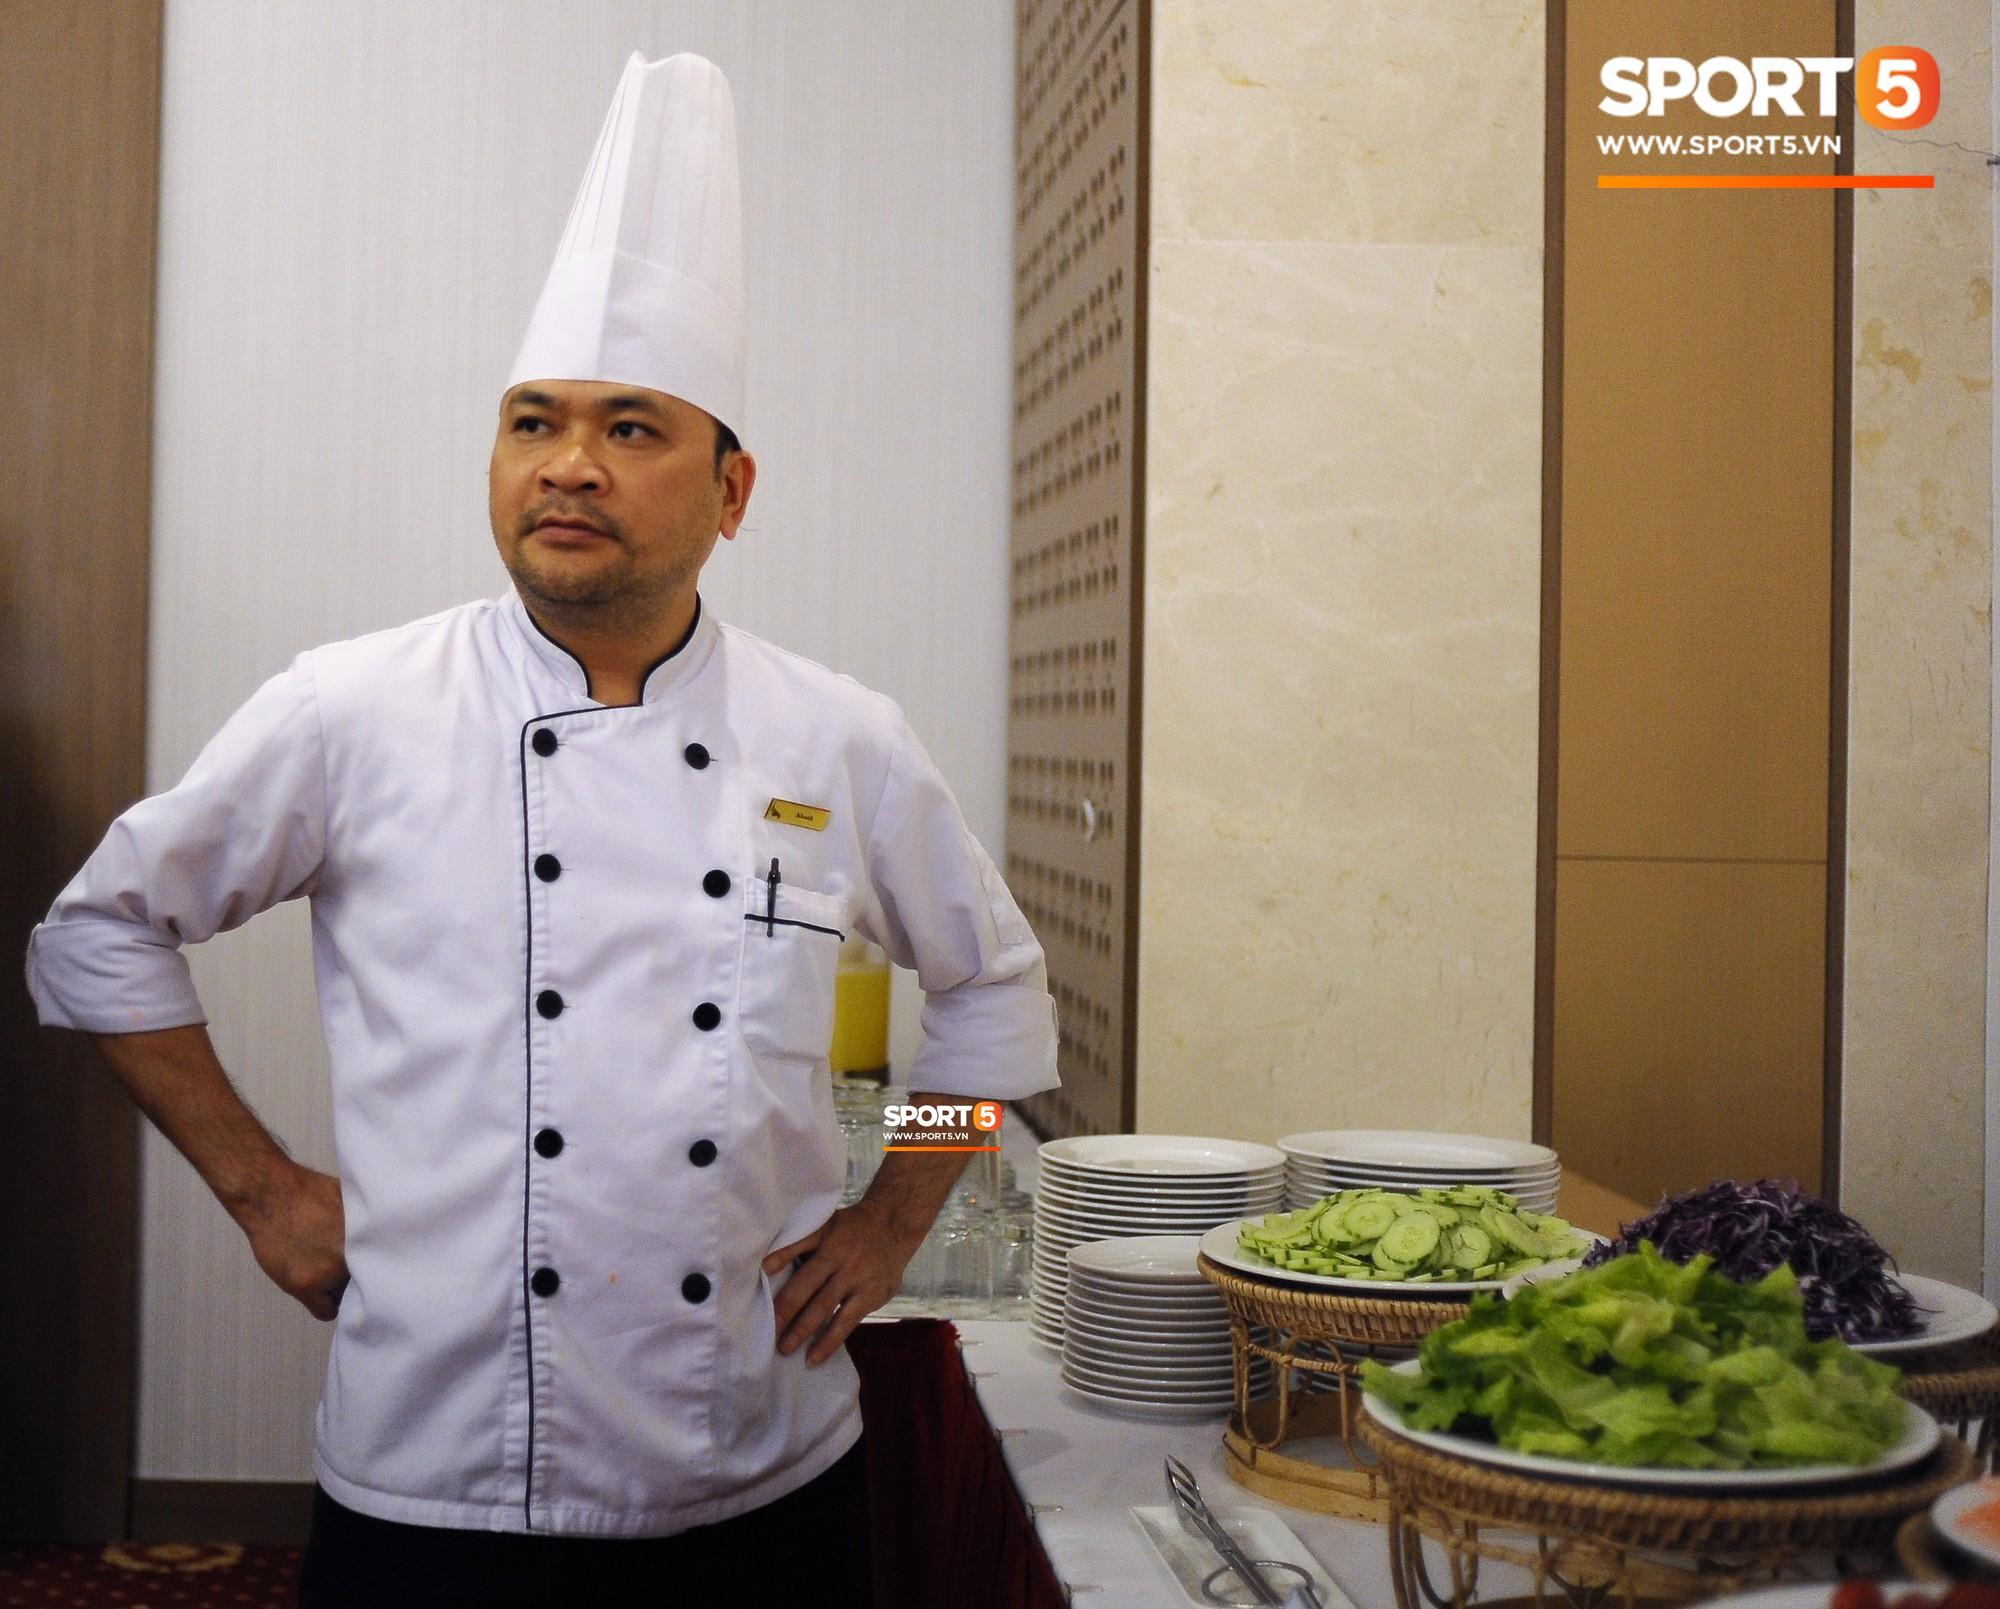 Bữa ăn đậm hương vị quê hương của các tuyển thủ tuyển Việt Nam khi đến Lào-3